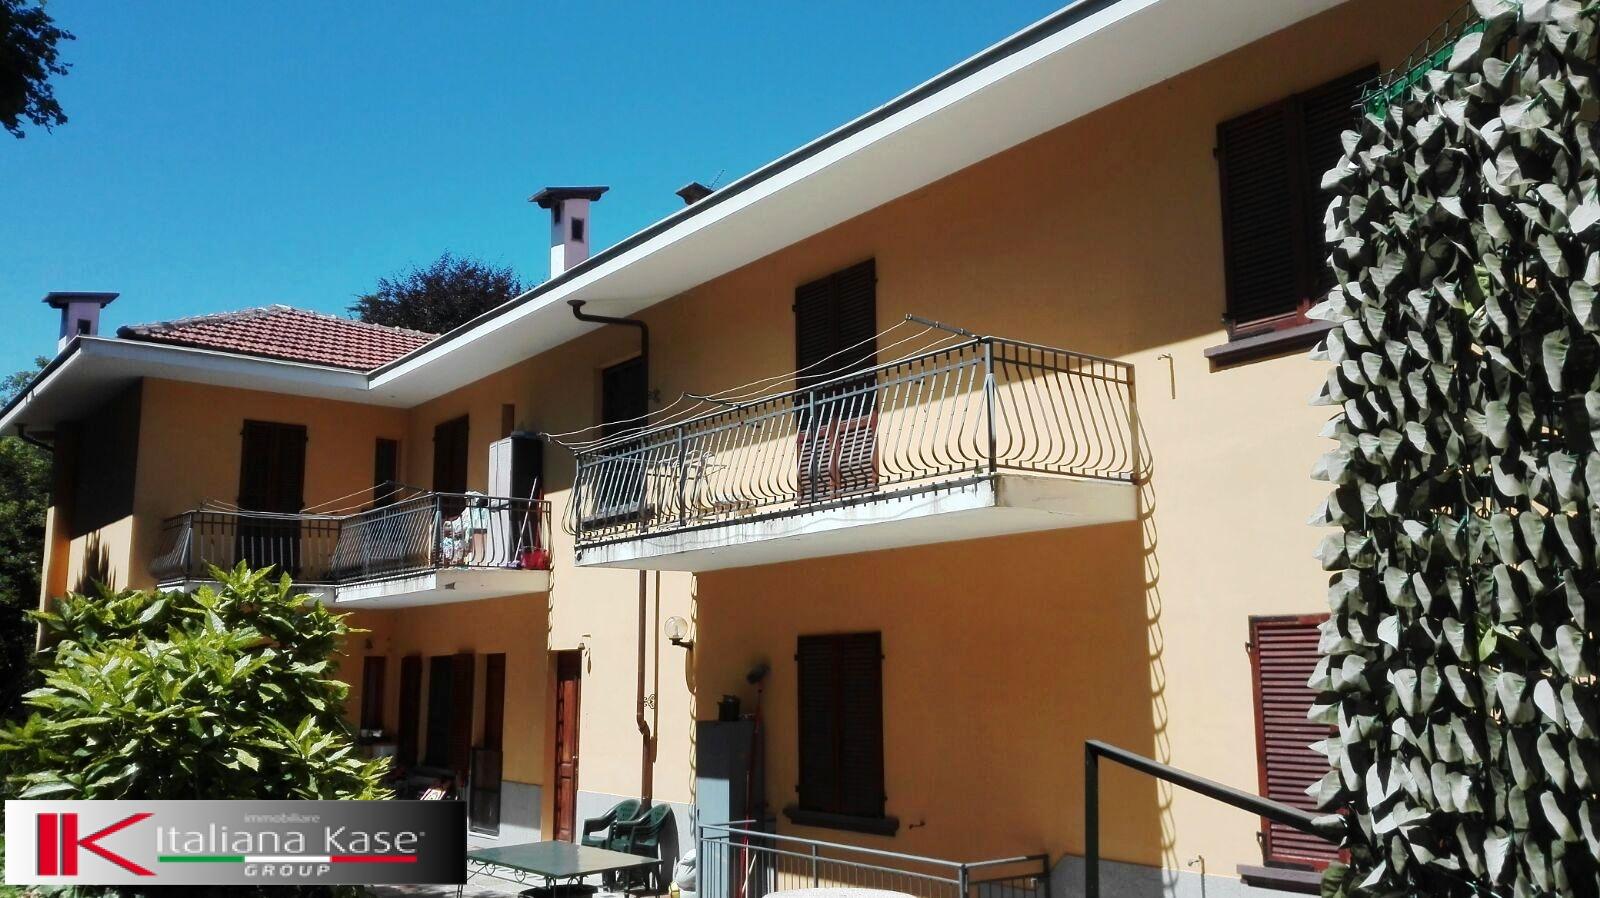 Soluzione Indipendente in vendita a Castiglione Torinese, 12 locali, zona Località: Centro, prezzo € 510.000 | CambioCasa.it